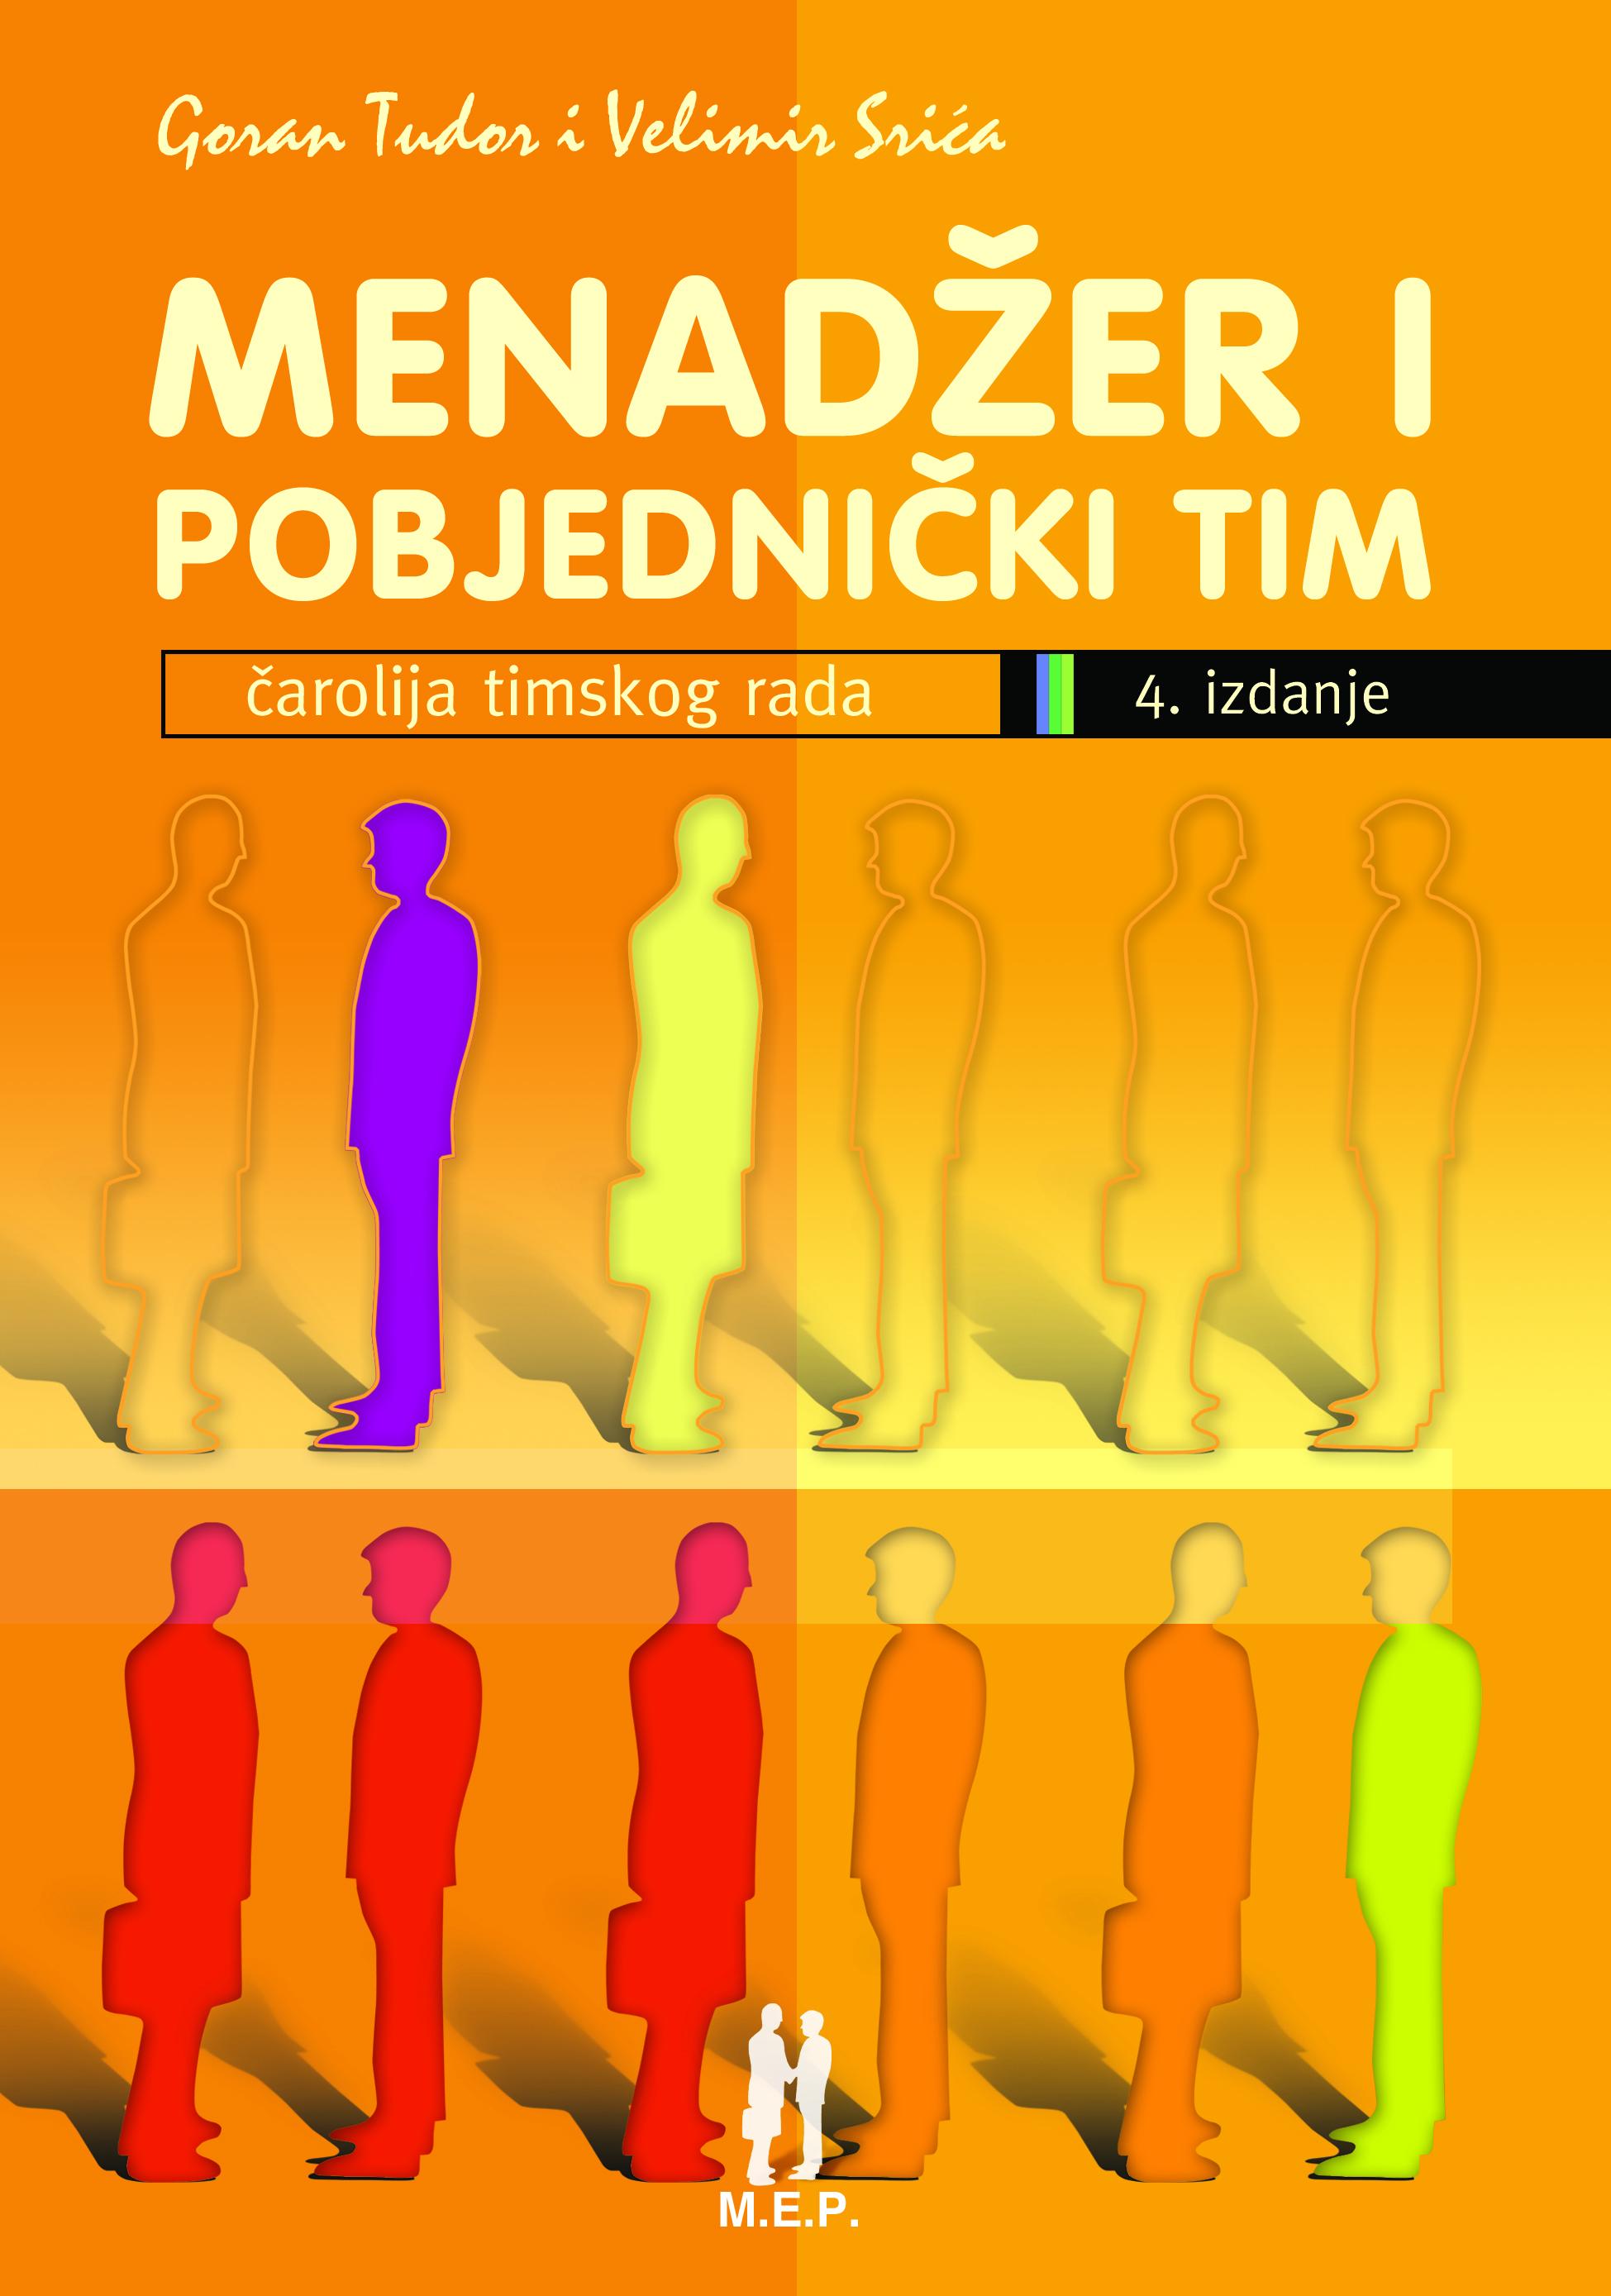 MENADŽER I POBJEDNIČKI TIM, 4. izd. - Naruči svoju knjigu